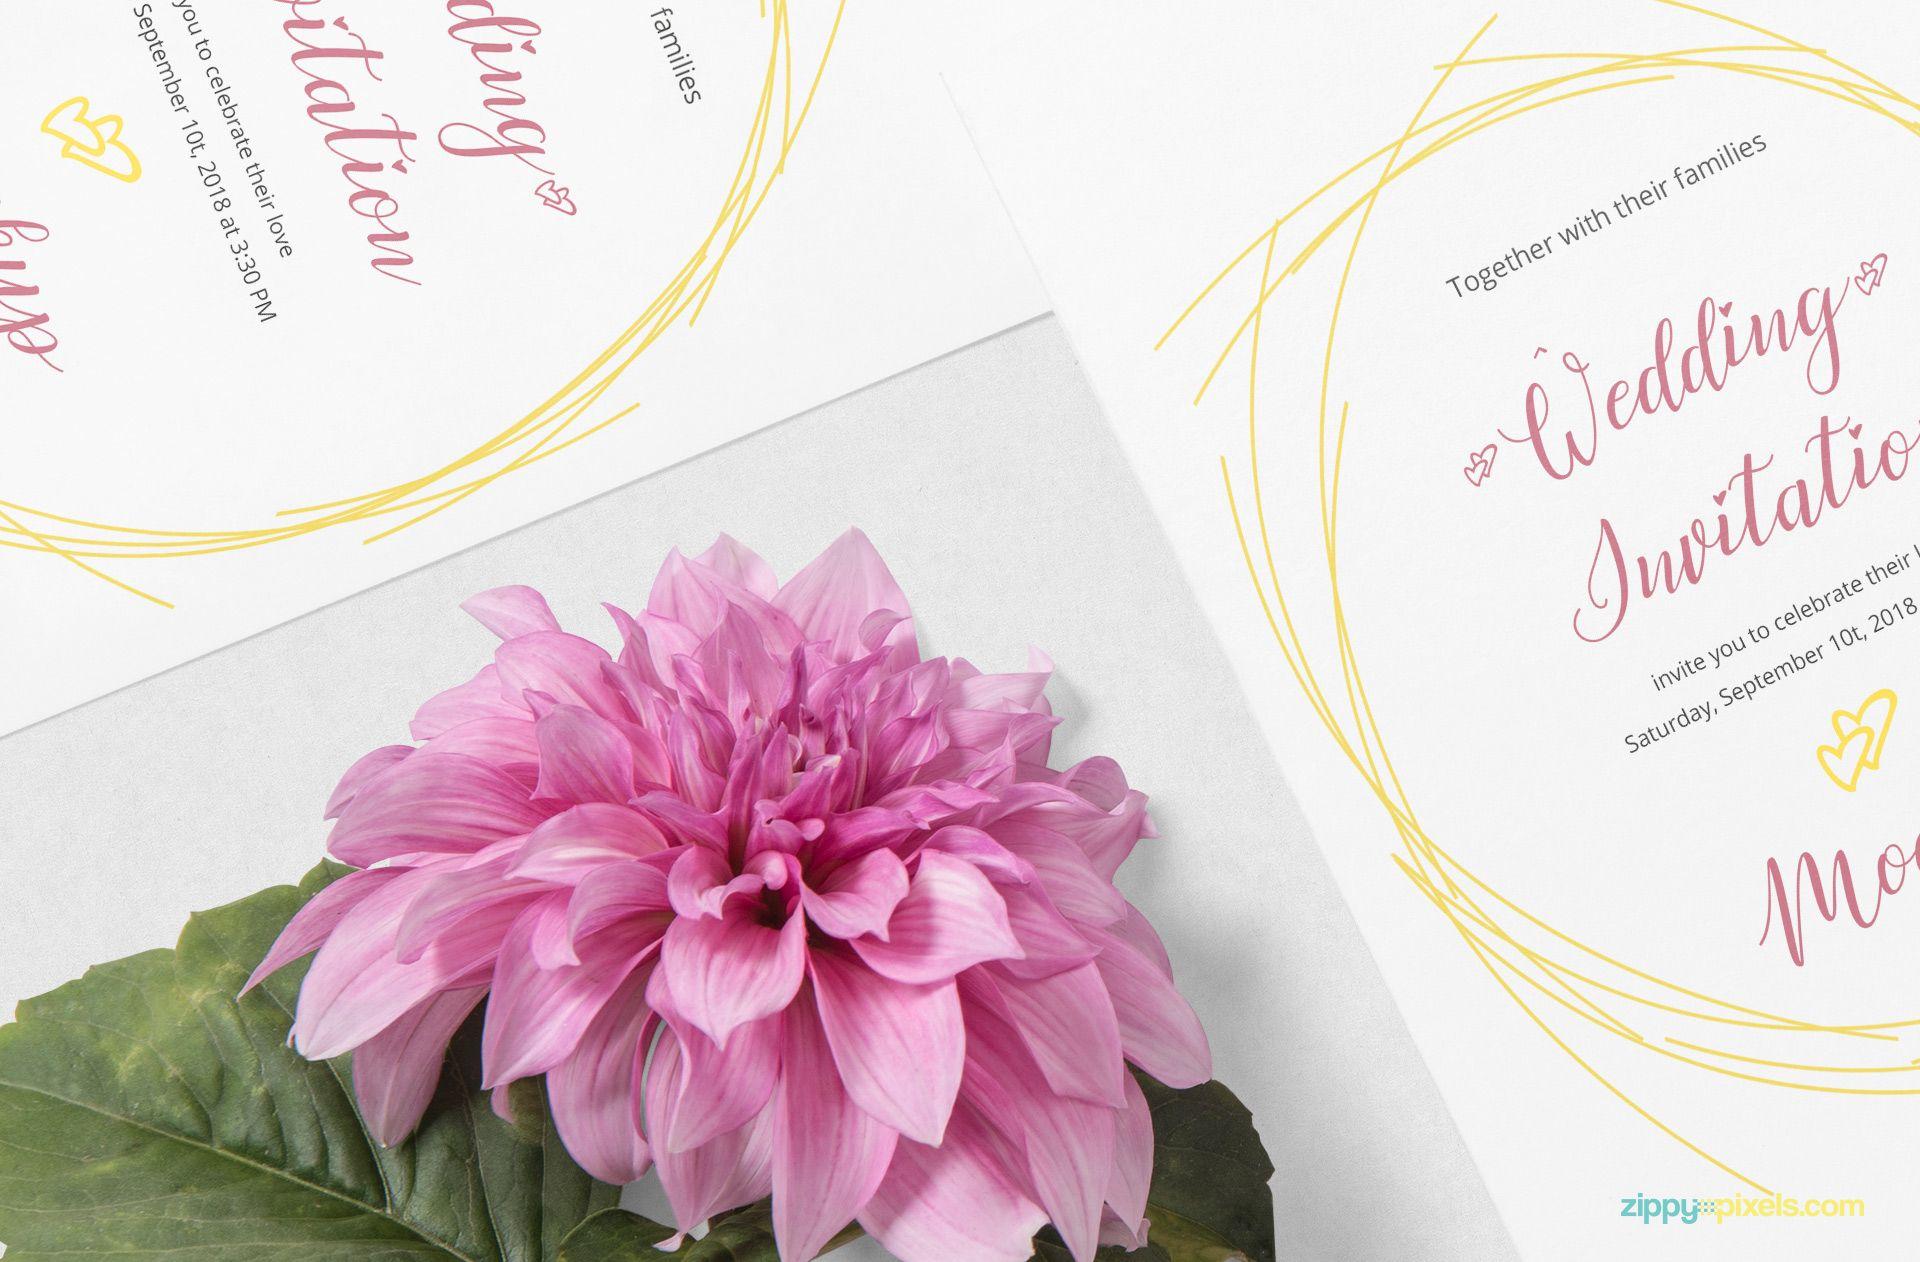 Free Wedding Card Mockup PSD Free wedding cards, Wedding